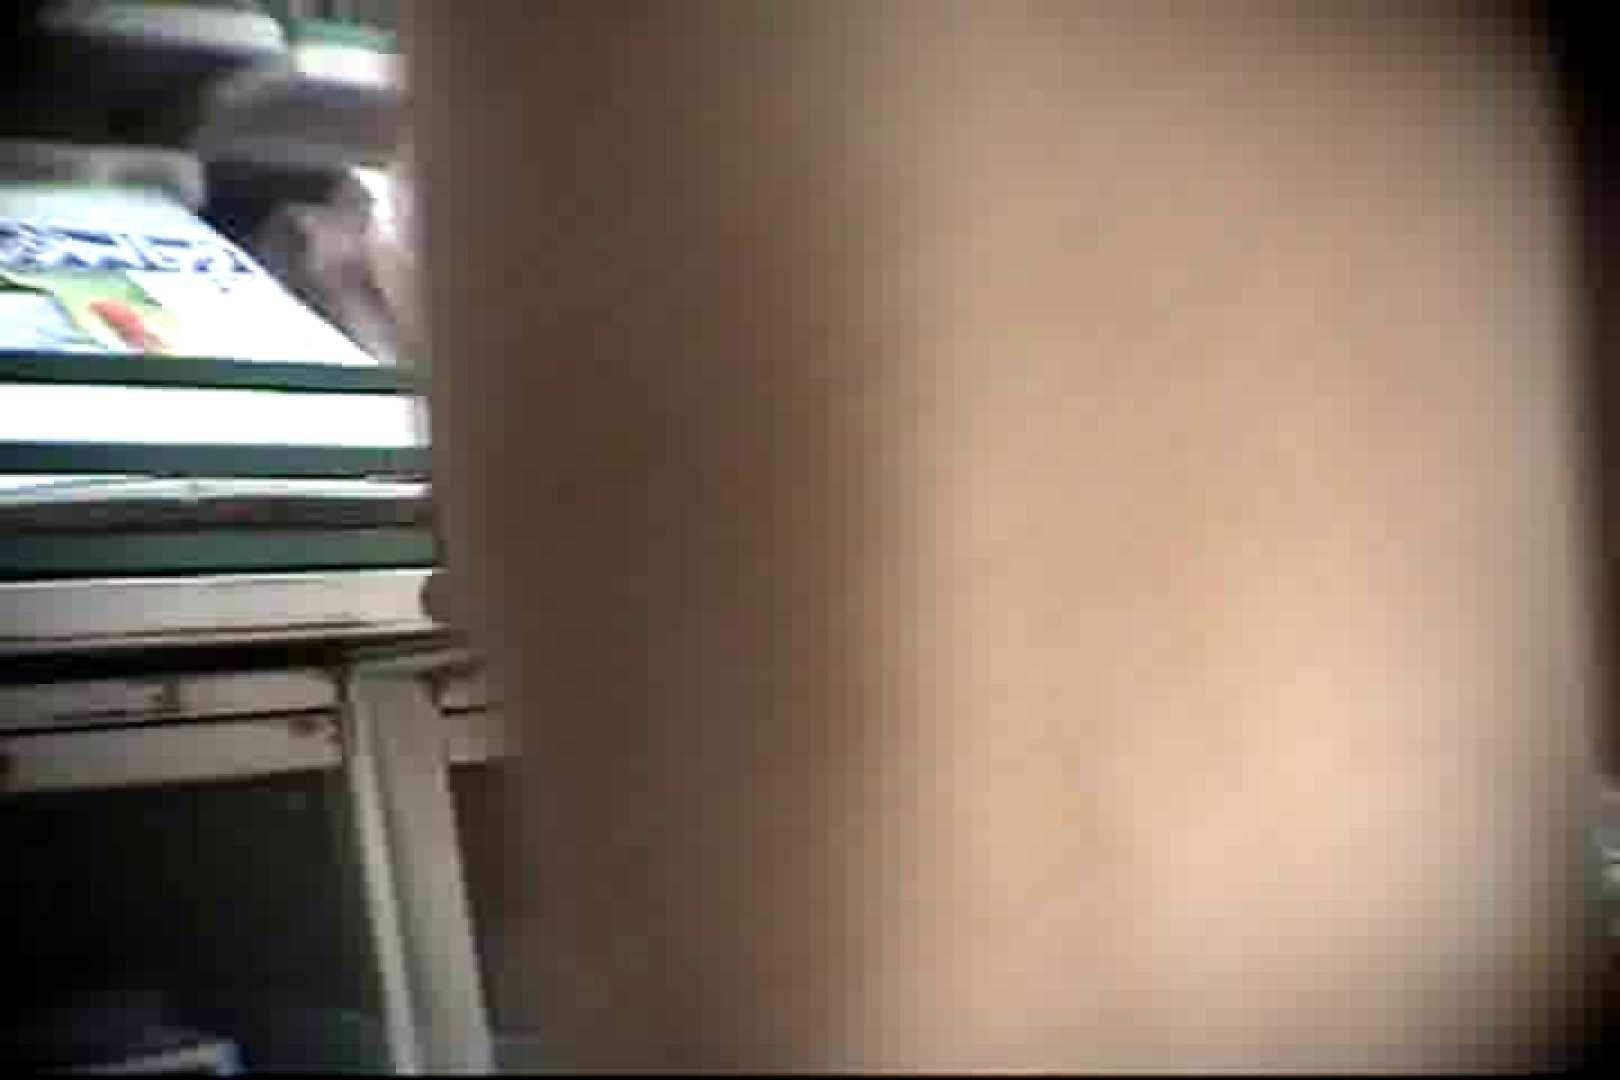 がぶりより!!ムレヌレパンツVol.1 チラ セックス画像 81PIX 35